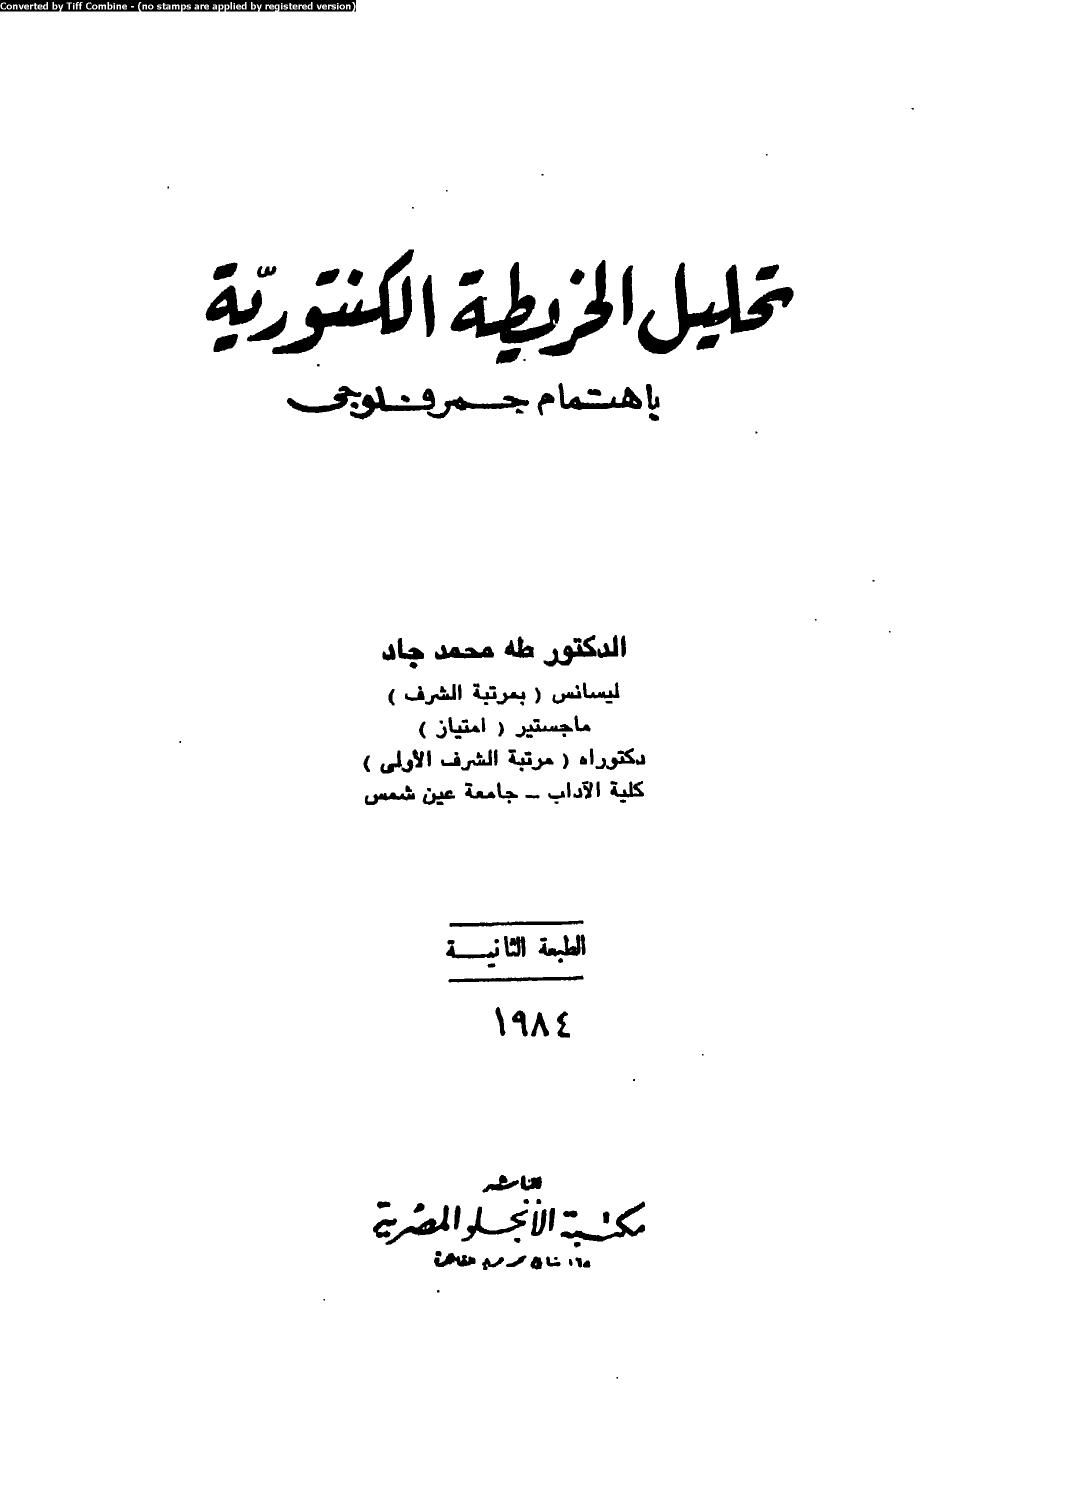 تحميل وقراءة أونلاين كتاب تحليل الخريطة الكنتورية بإهتمام جمرفلوجى pdf مجاناً تأليف د. طه محمد جاد   مكتبة تحميل كتب pdf.